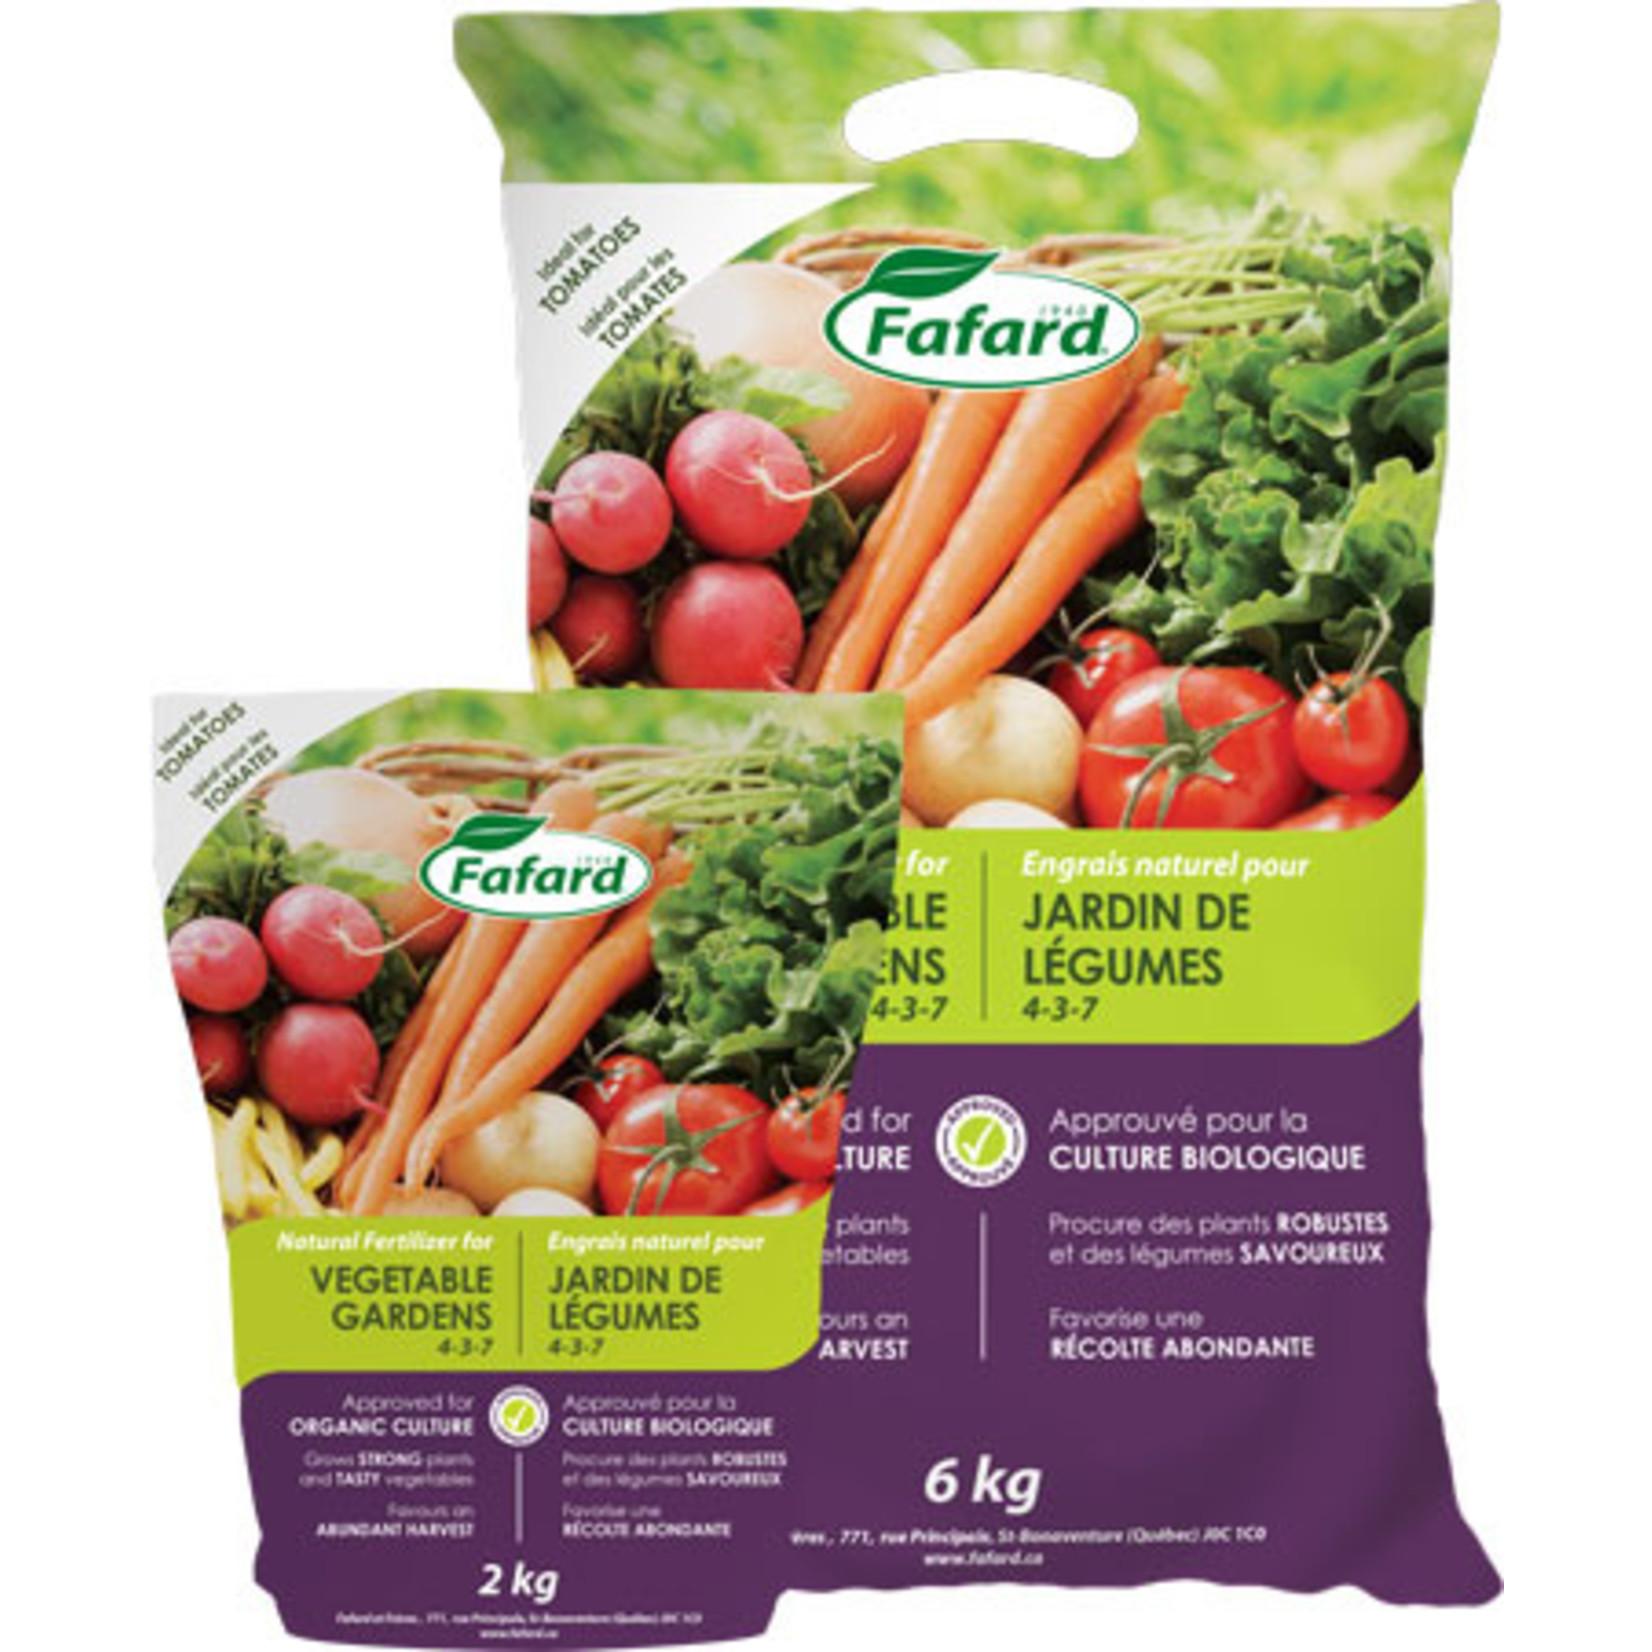 Fafard Natural Fertilizer for Vegetable Gardens (4-3-7) 6 KG